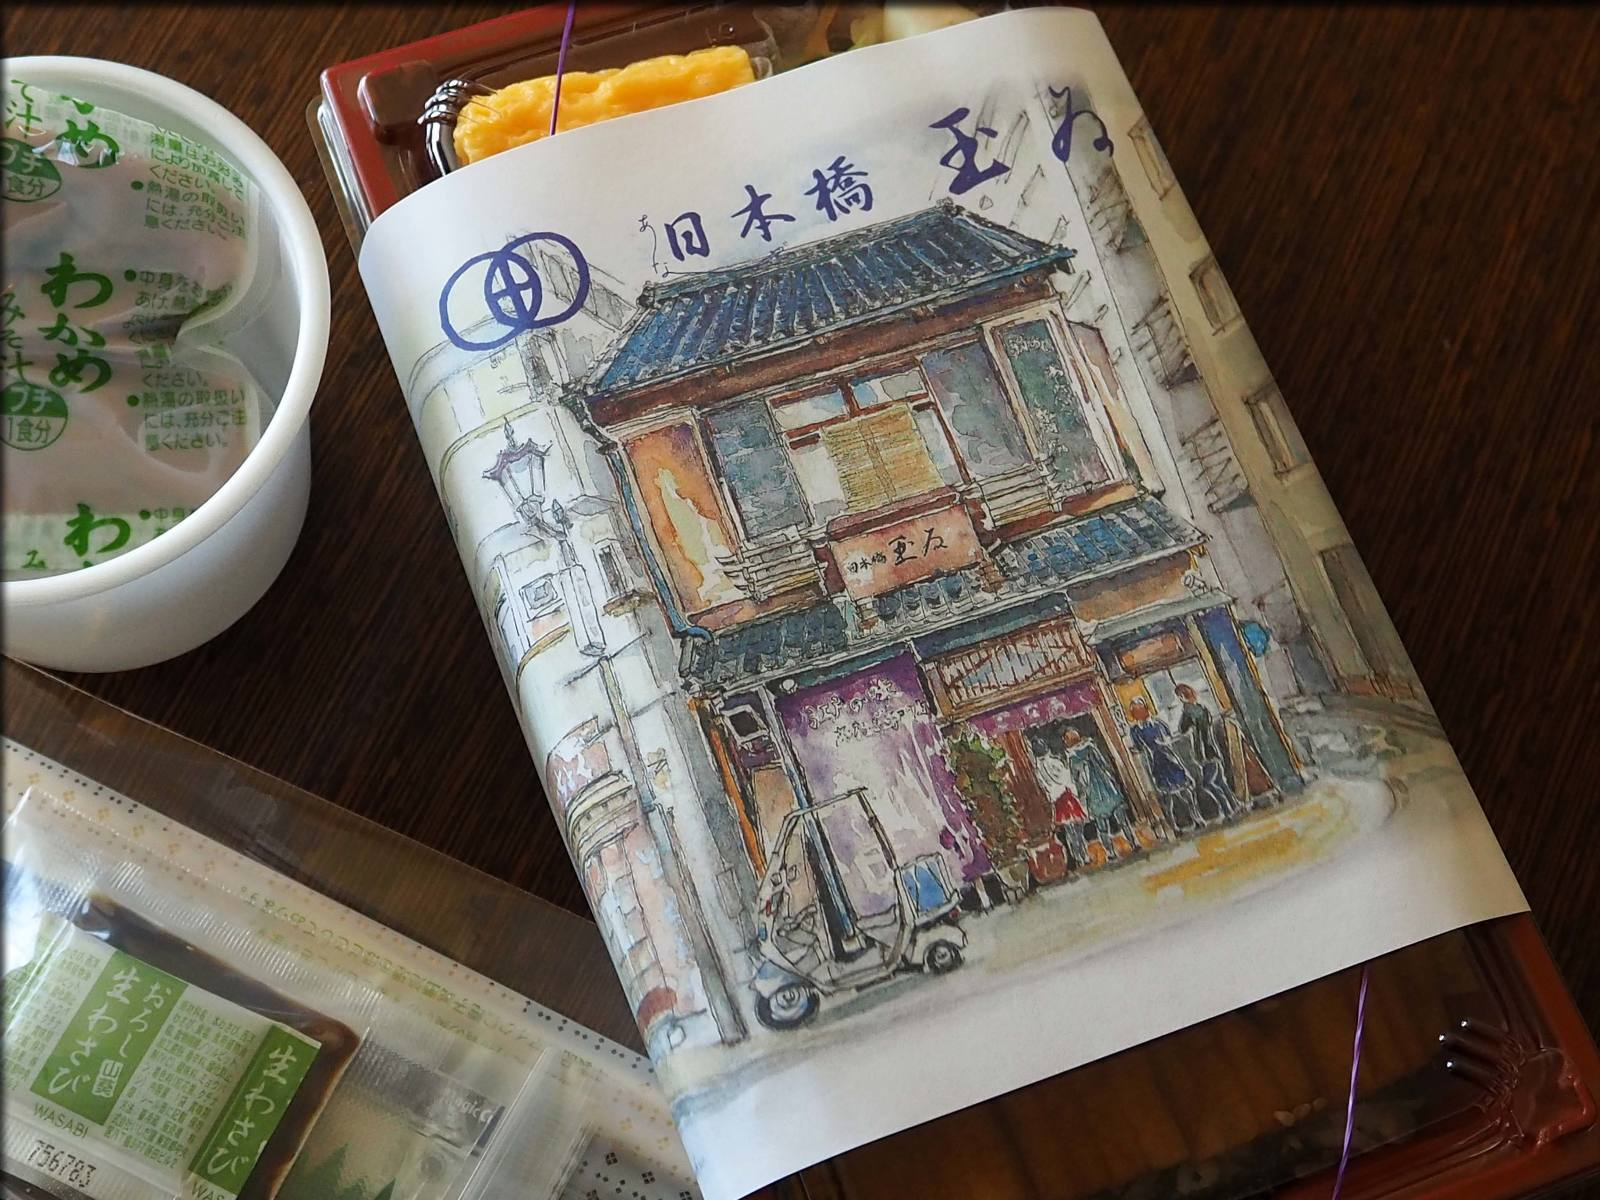 日本橋 玉ゐの煮あなご弁当@人形町店_b0054329_09155159.jpg